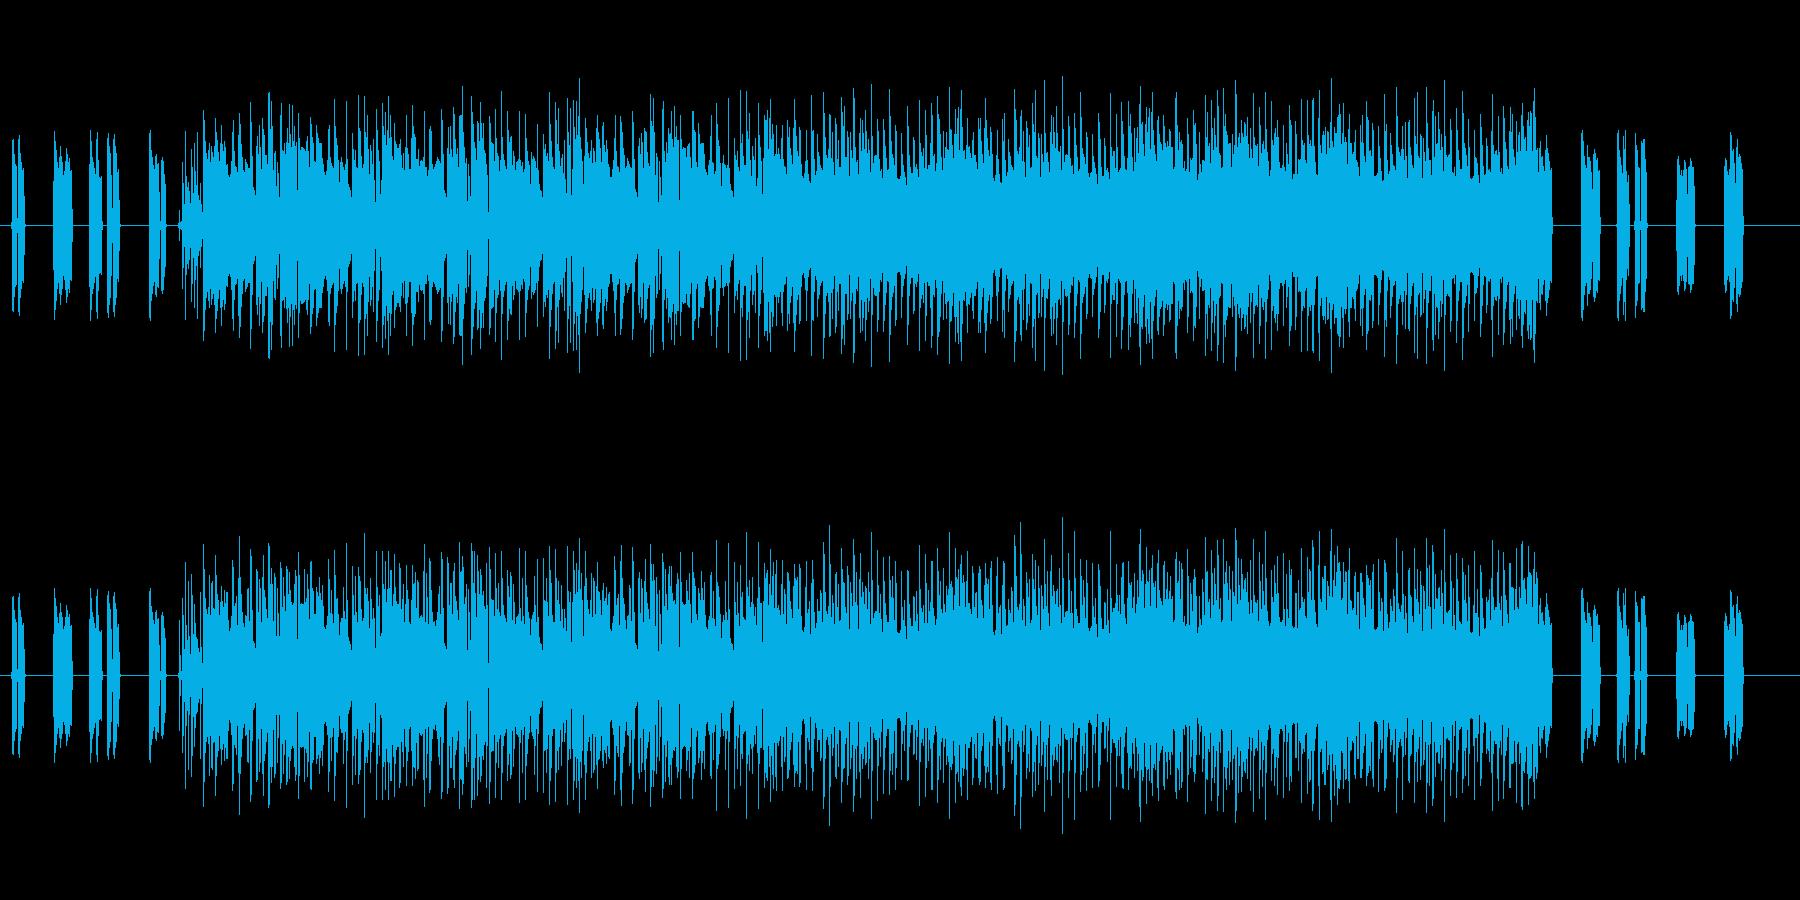 ドキドキでハラハラなゲームBGMの再生済みの波形